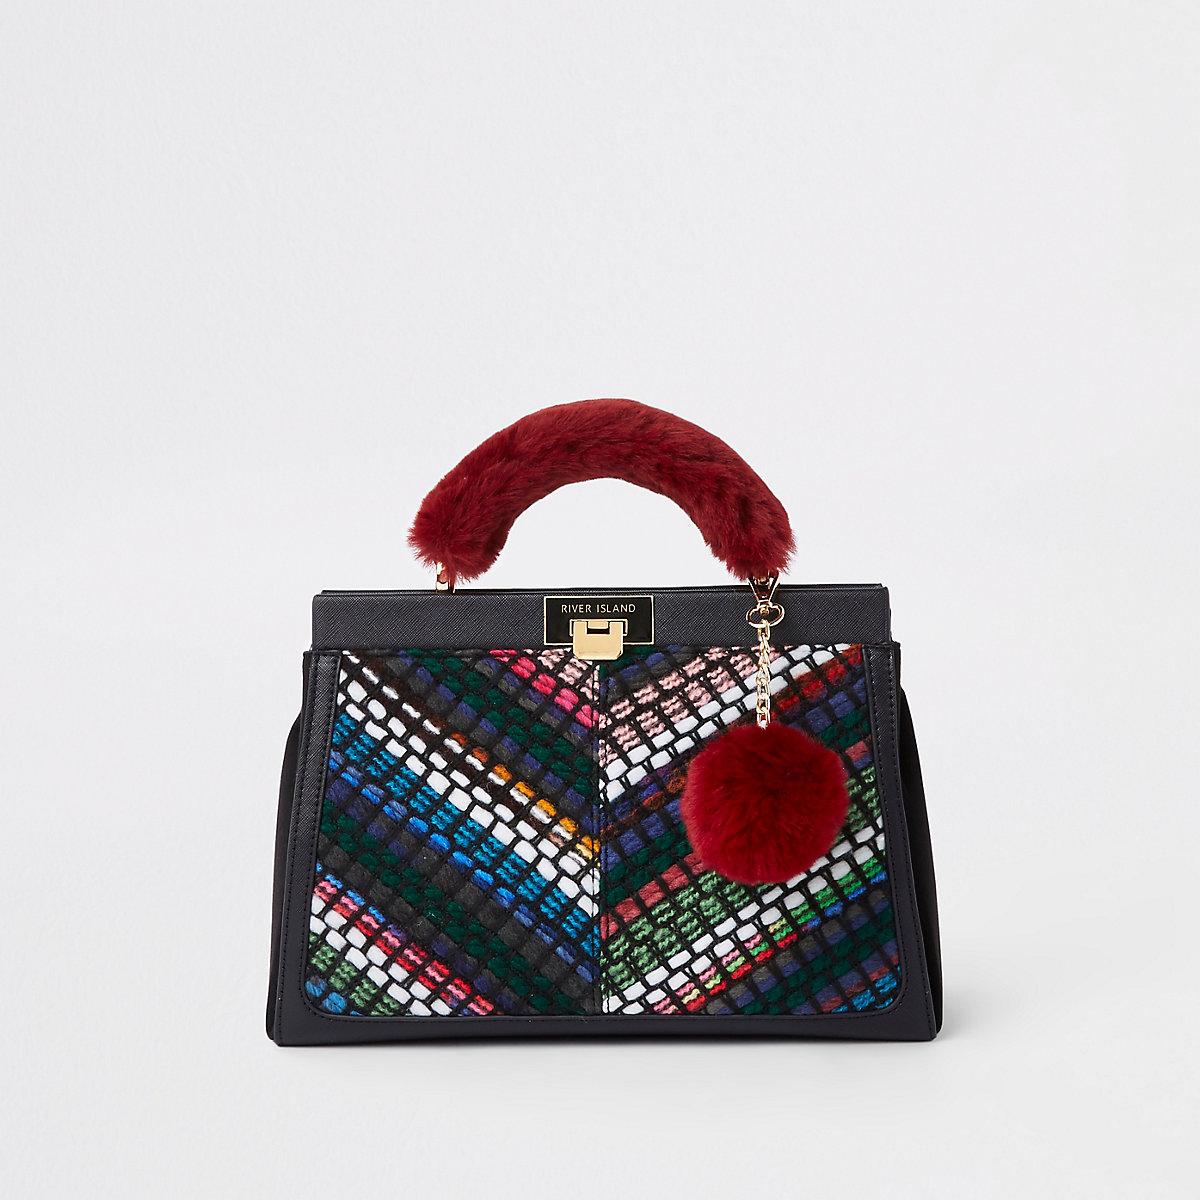 Zwarte handtas met handgreep van imitatiebont